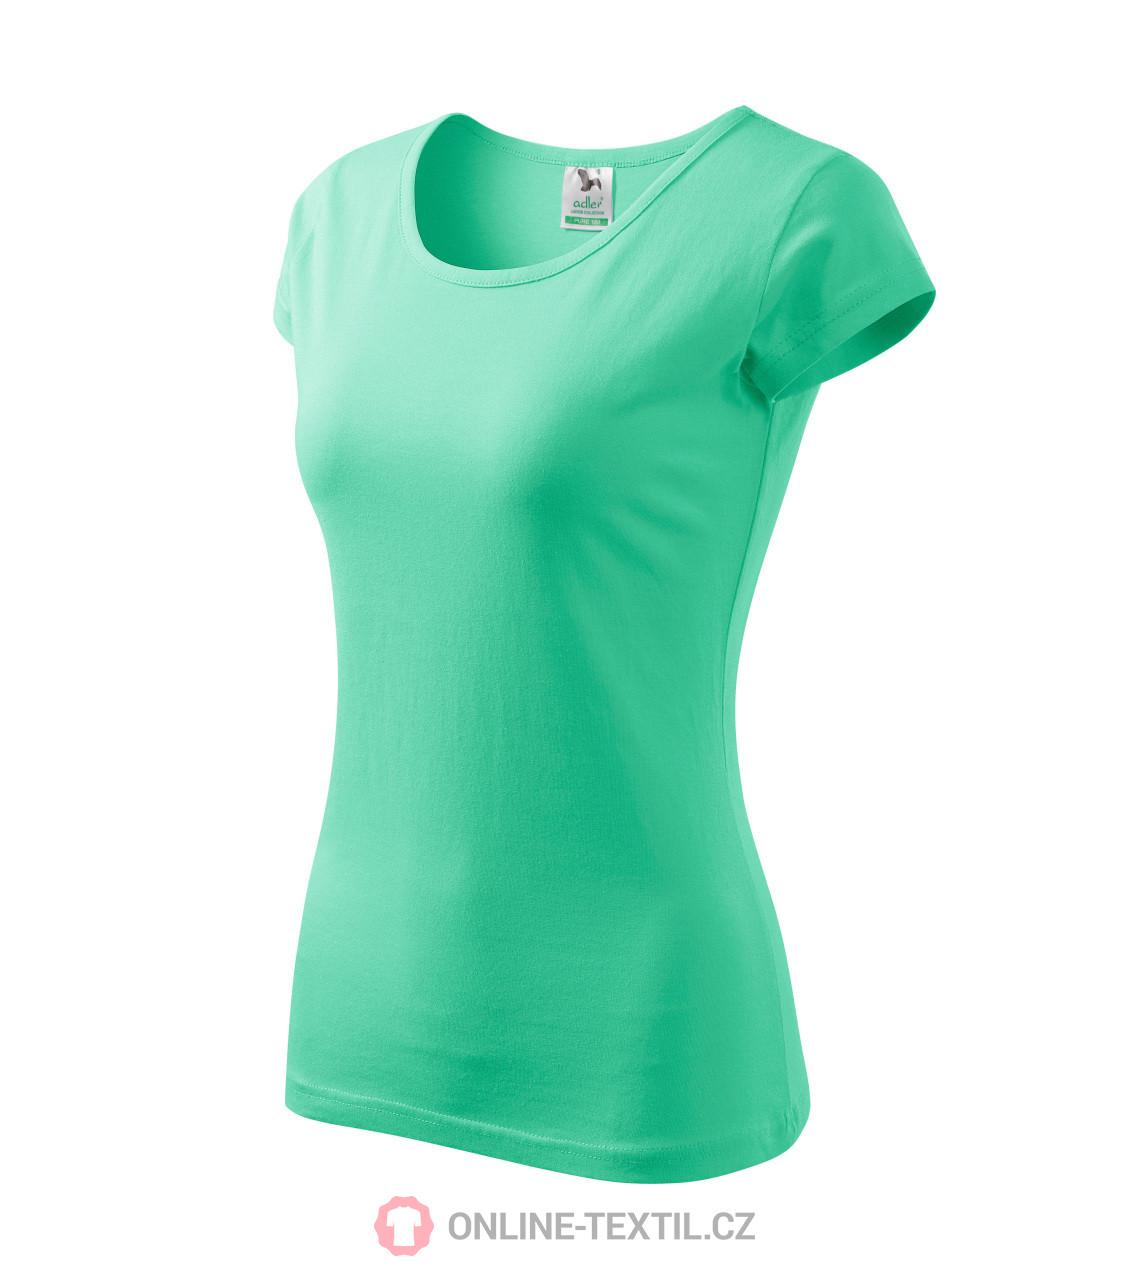 e8d0c63378b ADLER CZECH Pure tričko dámské A22 - mátová z kolekce MALFINI ...